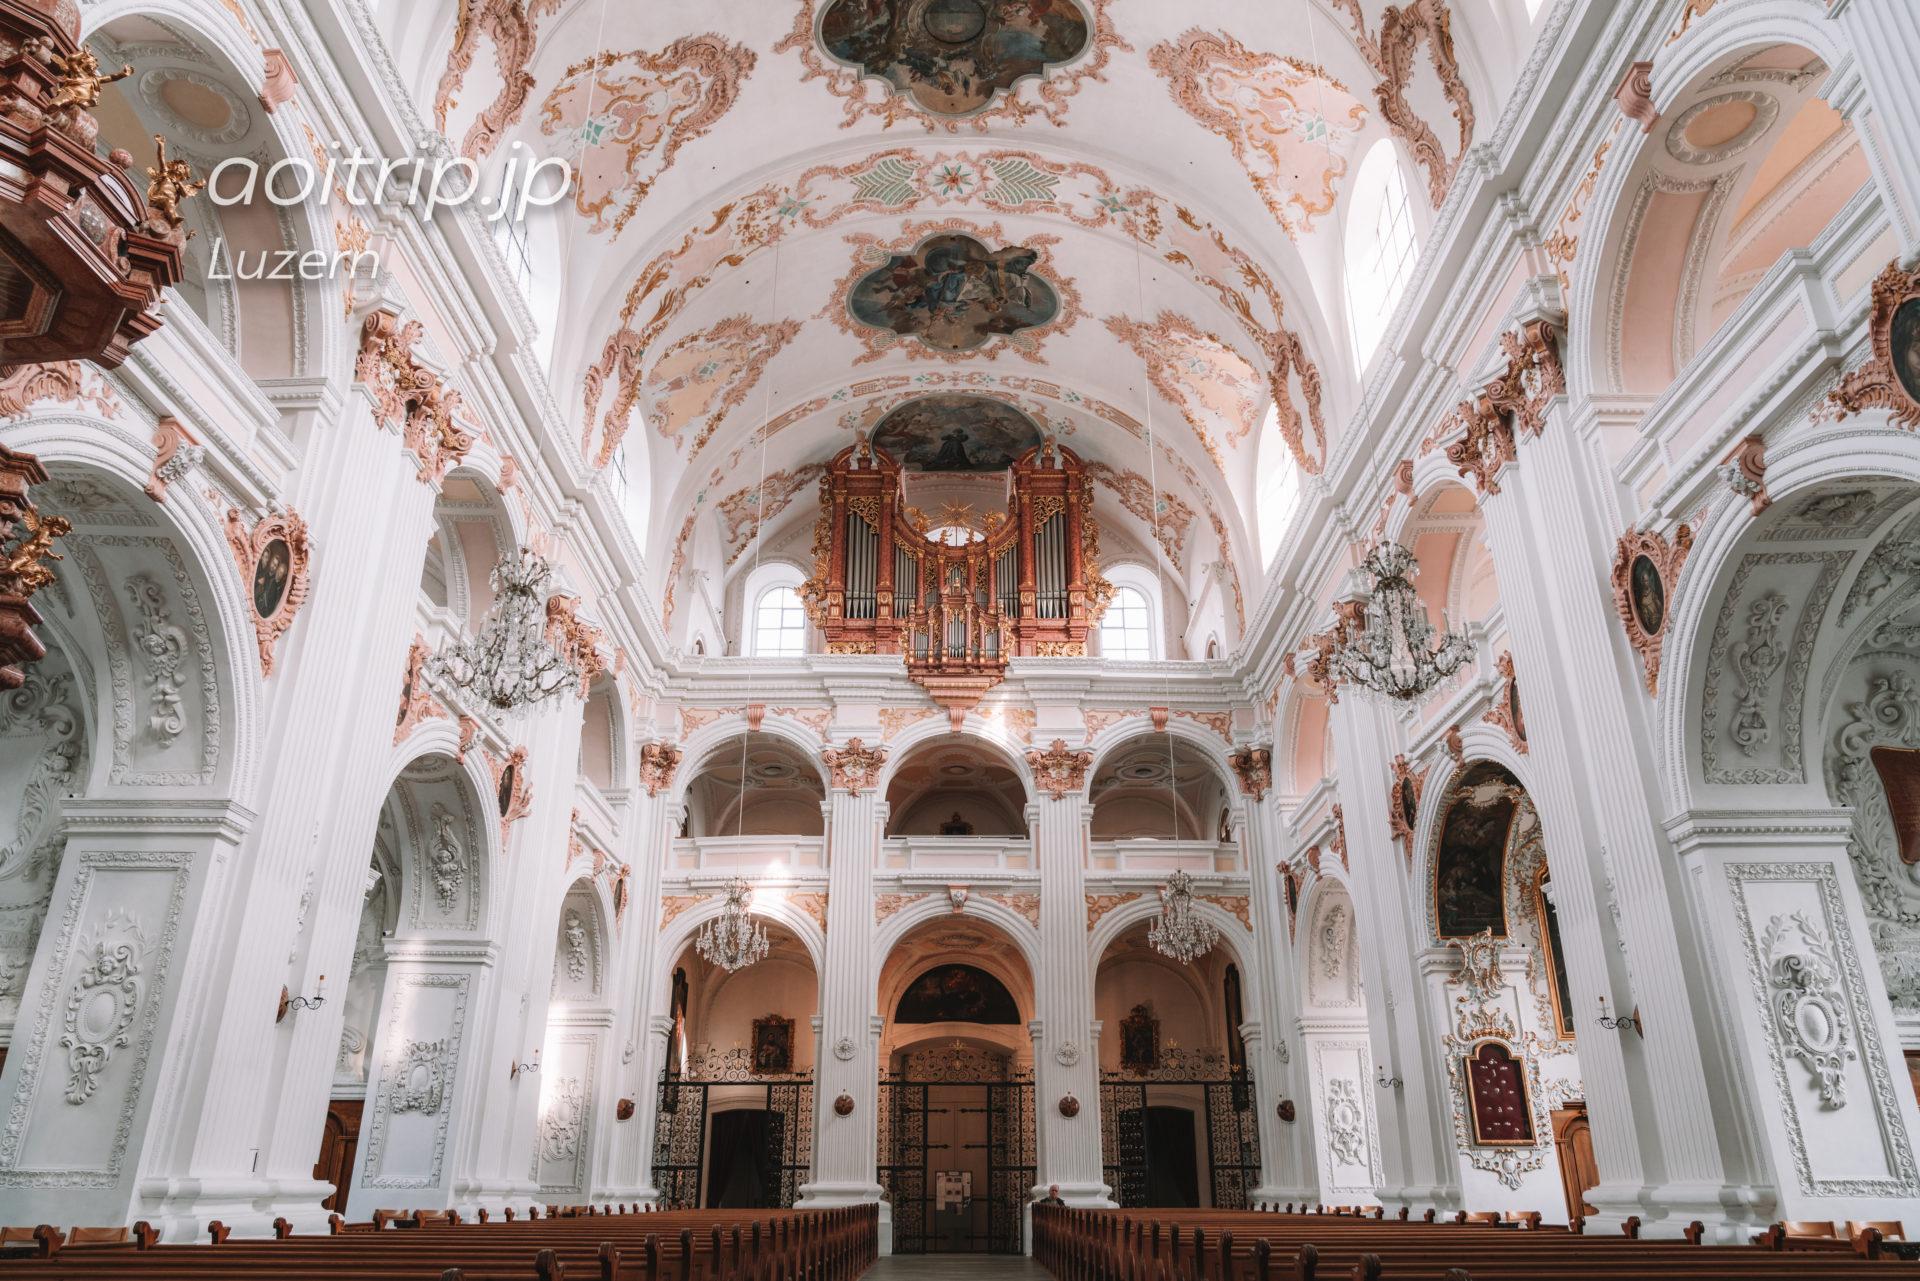 スイス ルツェルンのイエズス会教会(Jesuitenkirche)の内部